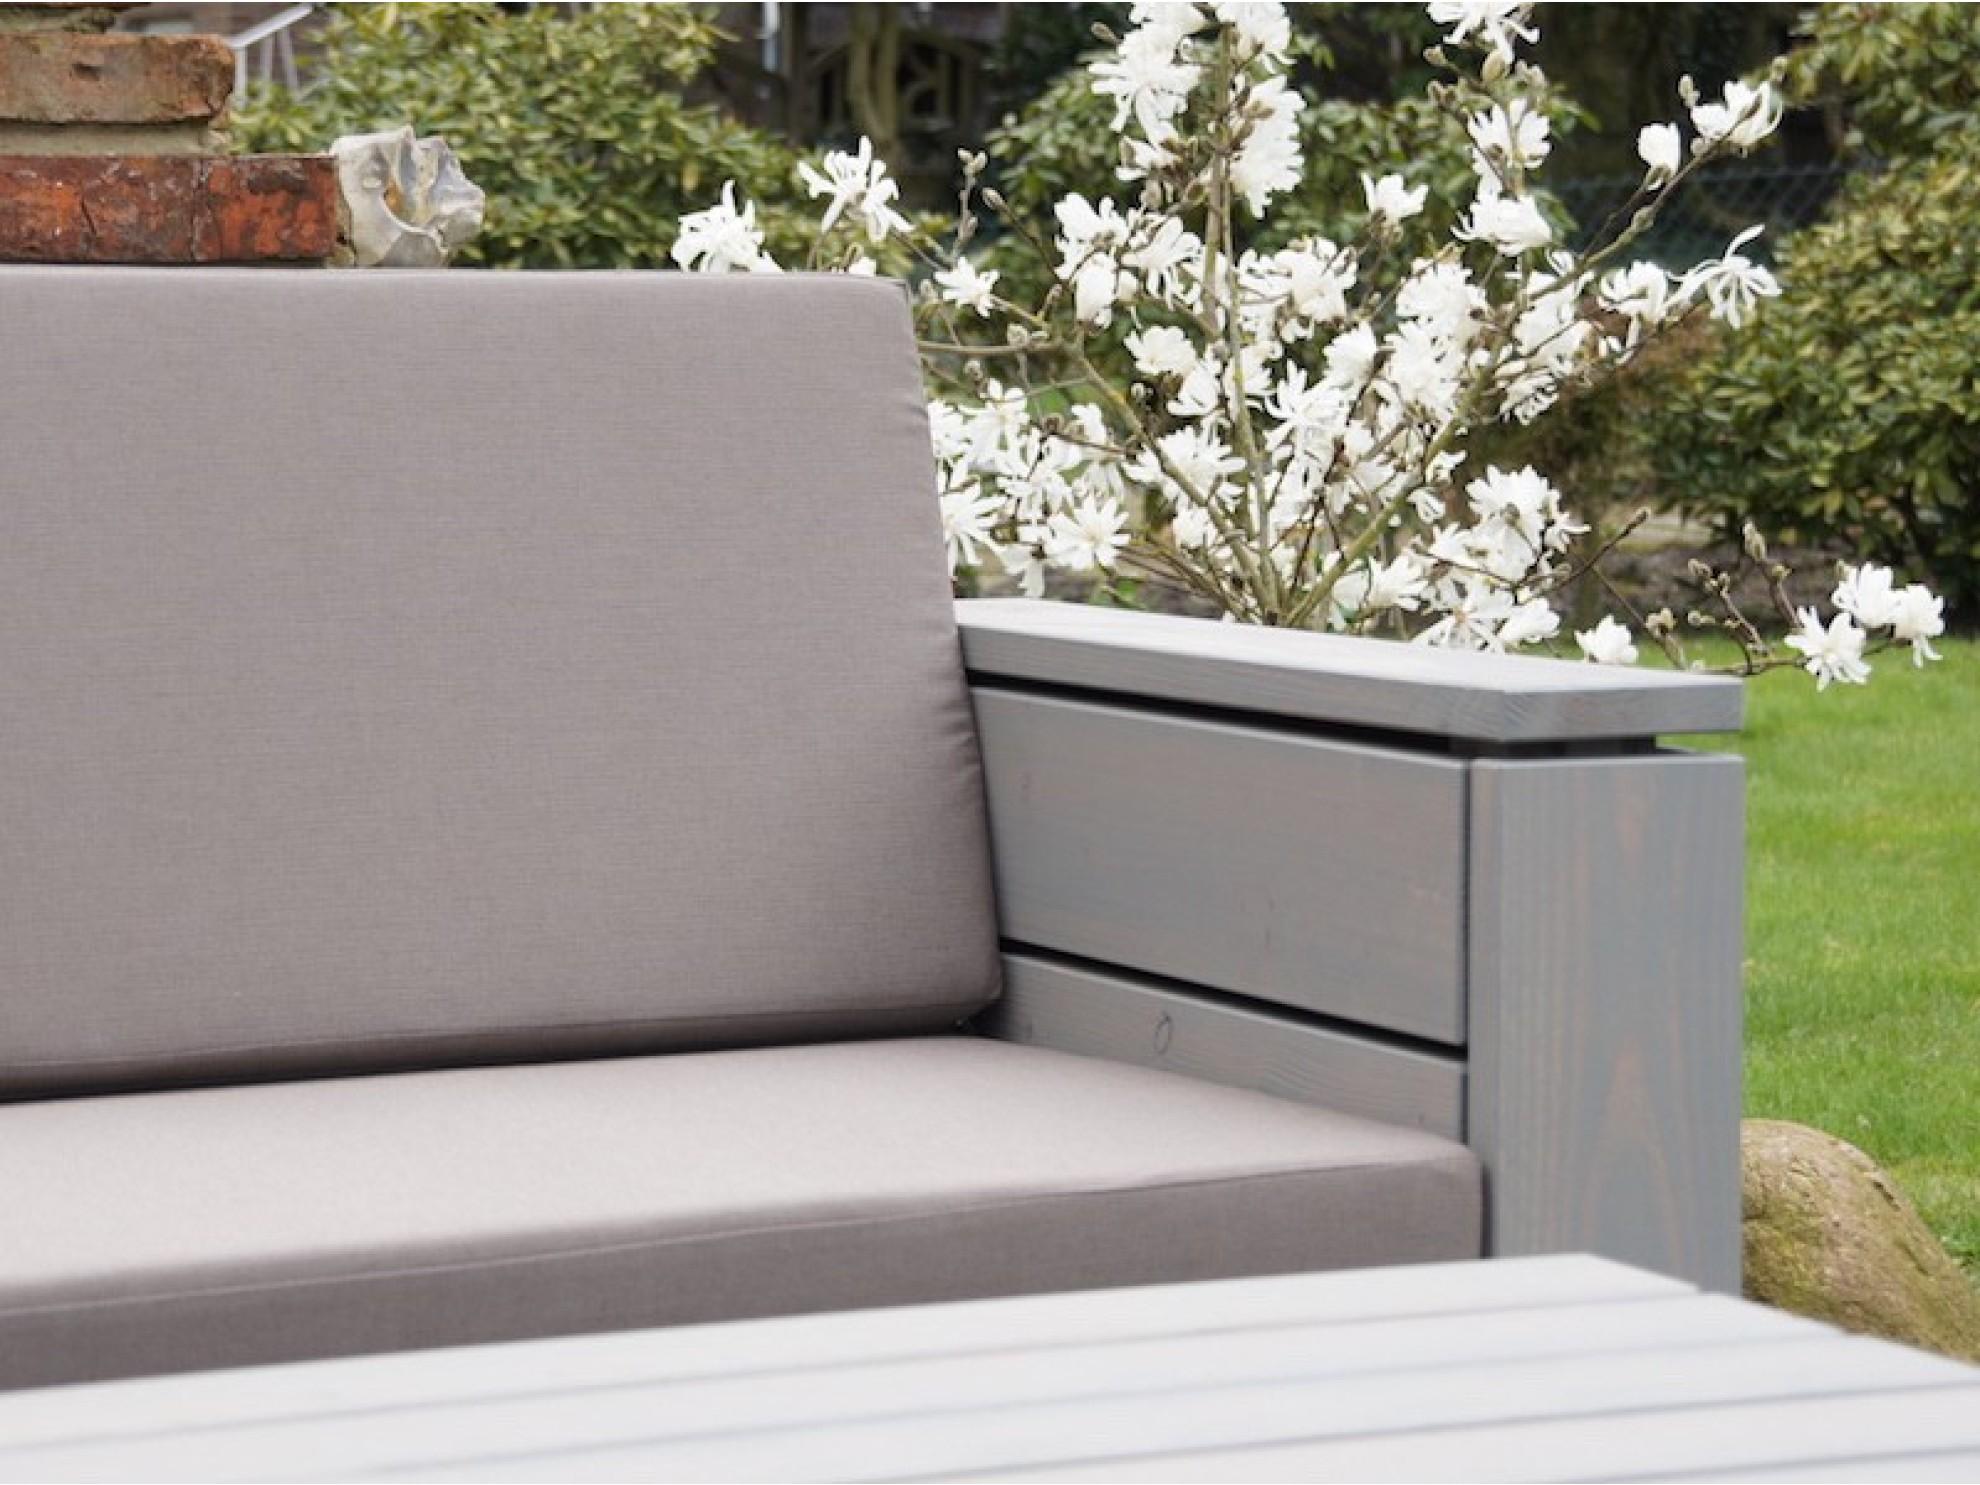 Lounge sofa outdoor holz  Lounge Sofa 2 Sitzer - Zeitlose Loungemöbel aus heimischem Holz